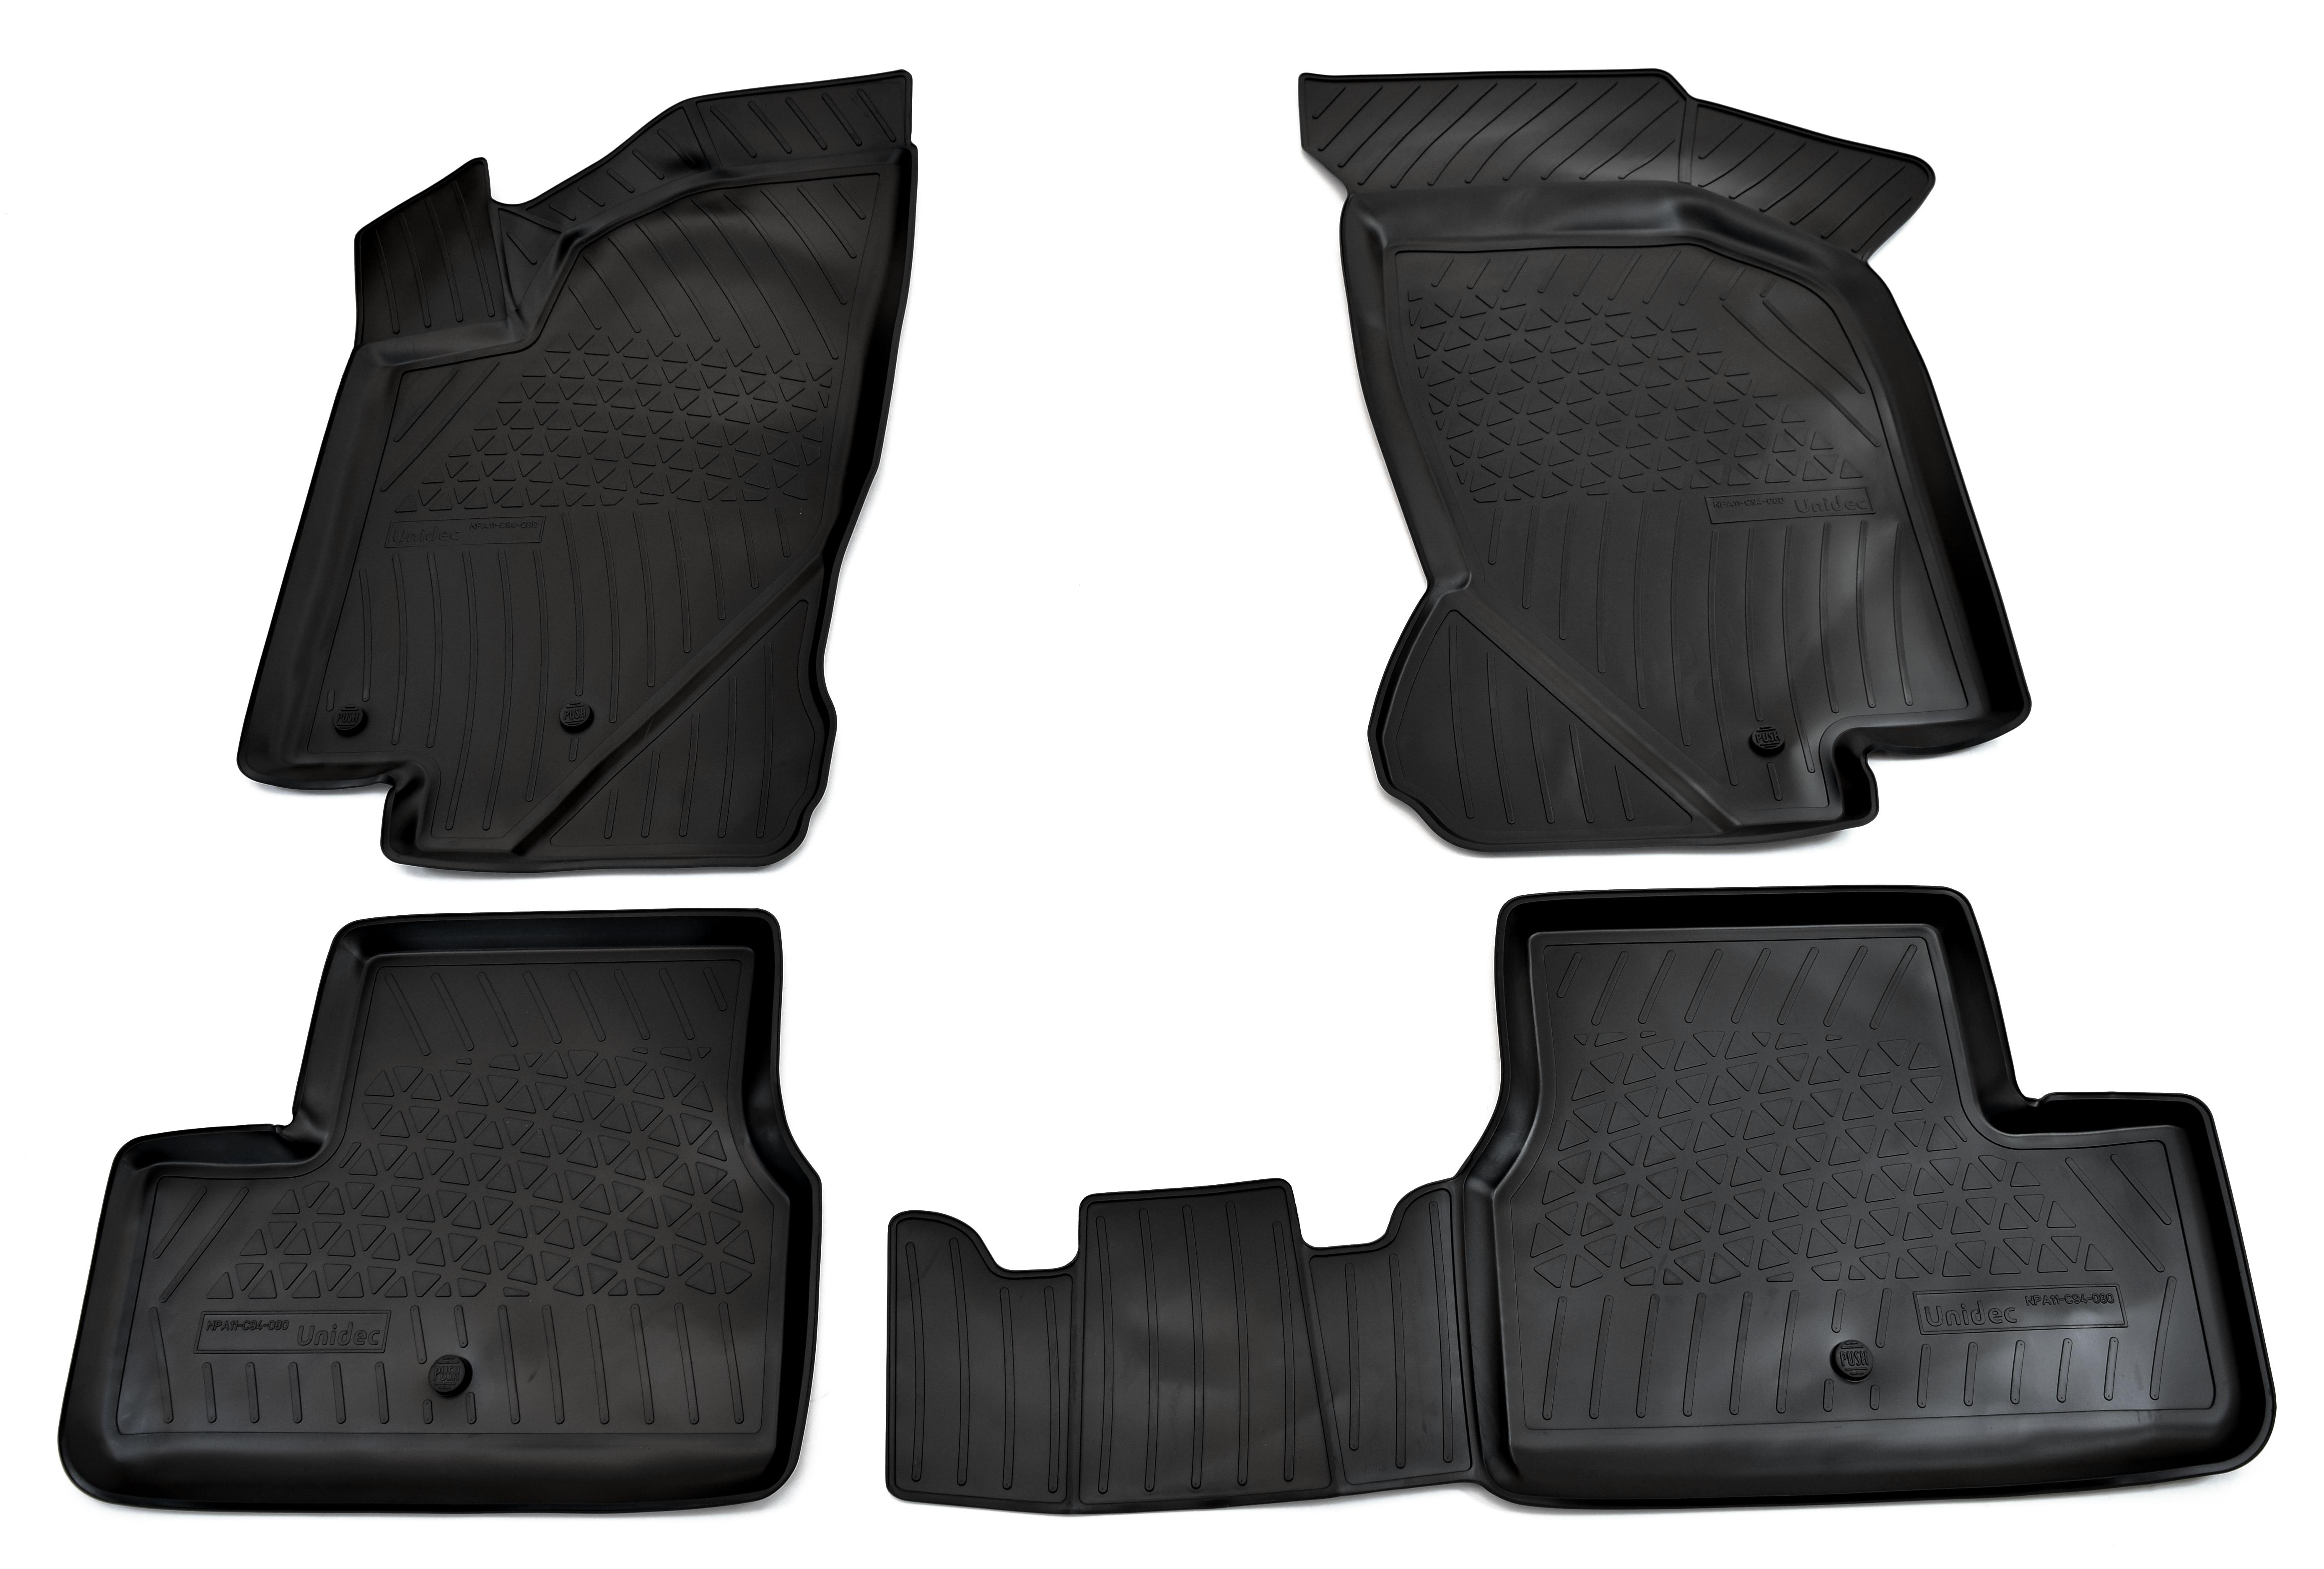 Коврики в салон Norplast для Datsun on-DO 3D 2014, для Datsun mi-DO 3D 2015, для VAZ 111 Kalina 3D 2004, для VAZ 2190 Granta 3D 2011, NPA11-C94-080, черный